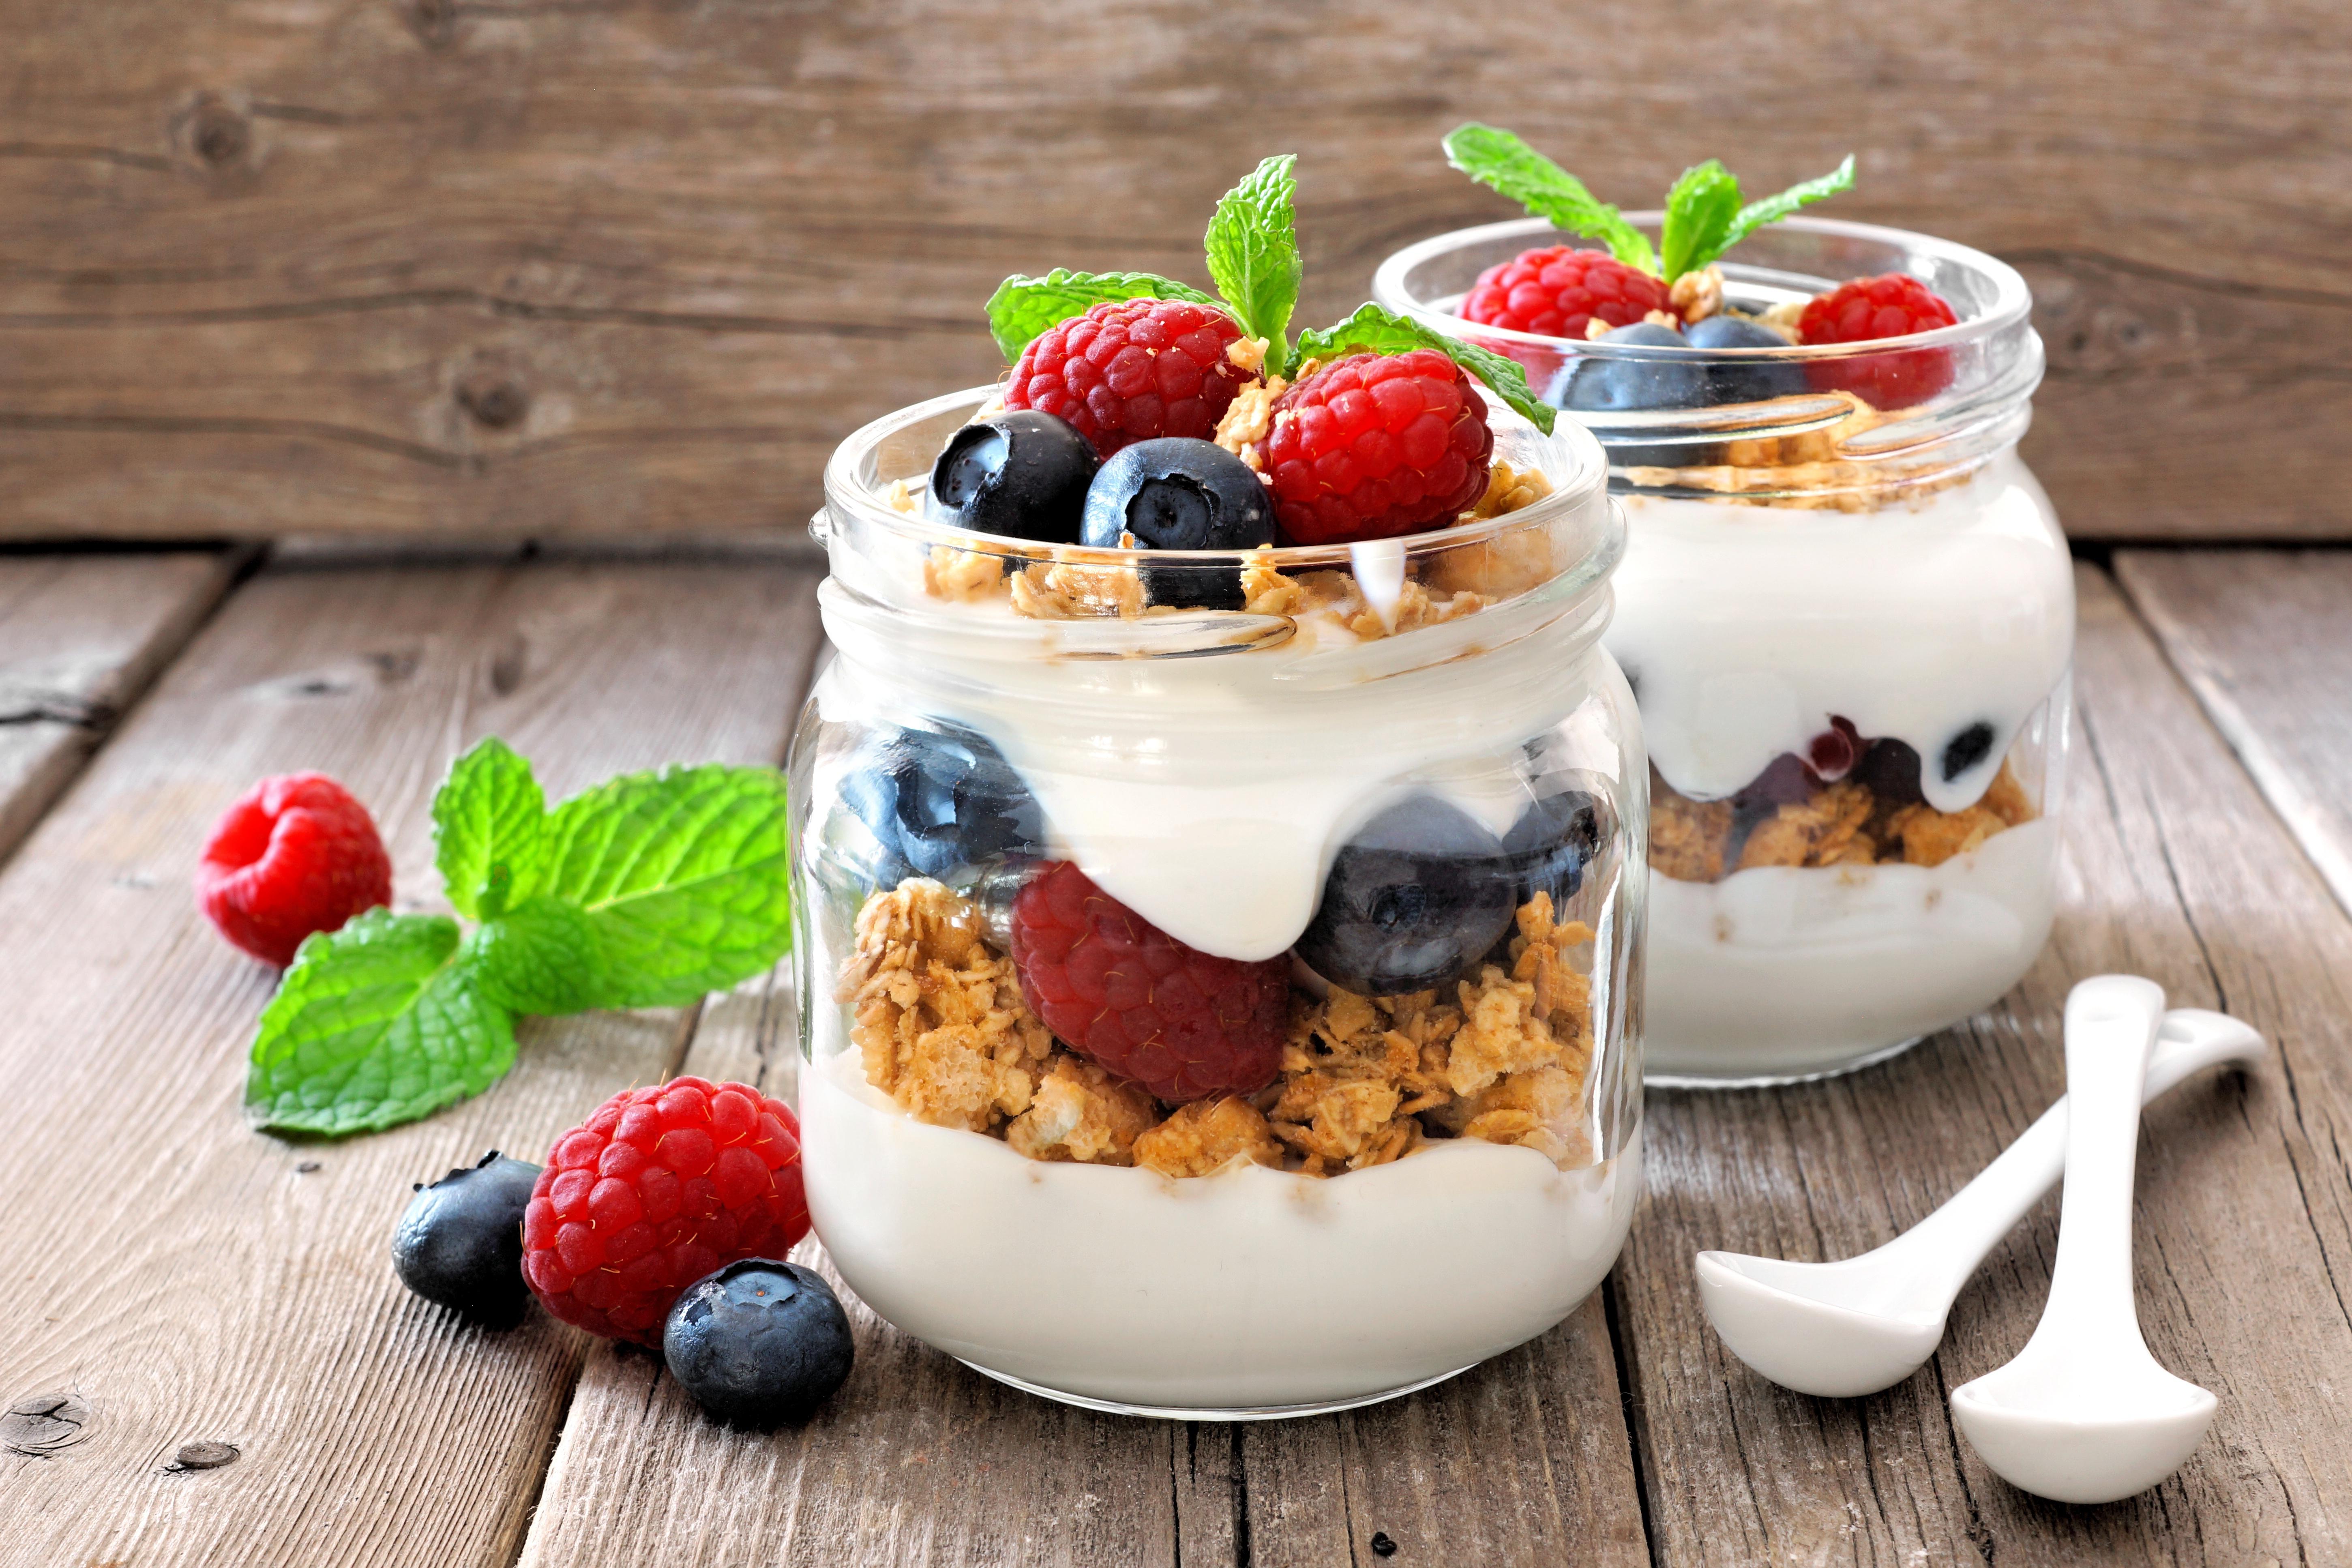 General 5801x3867 food blueberries raspberries spoon berries still life